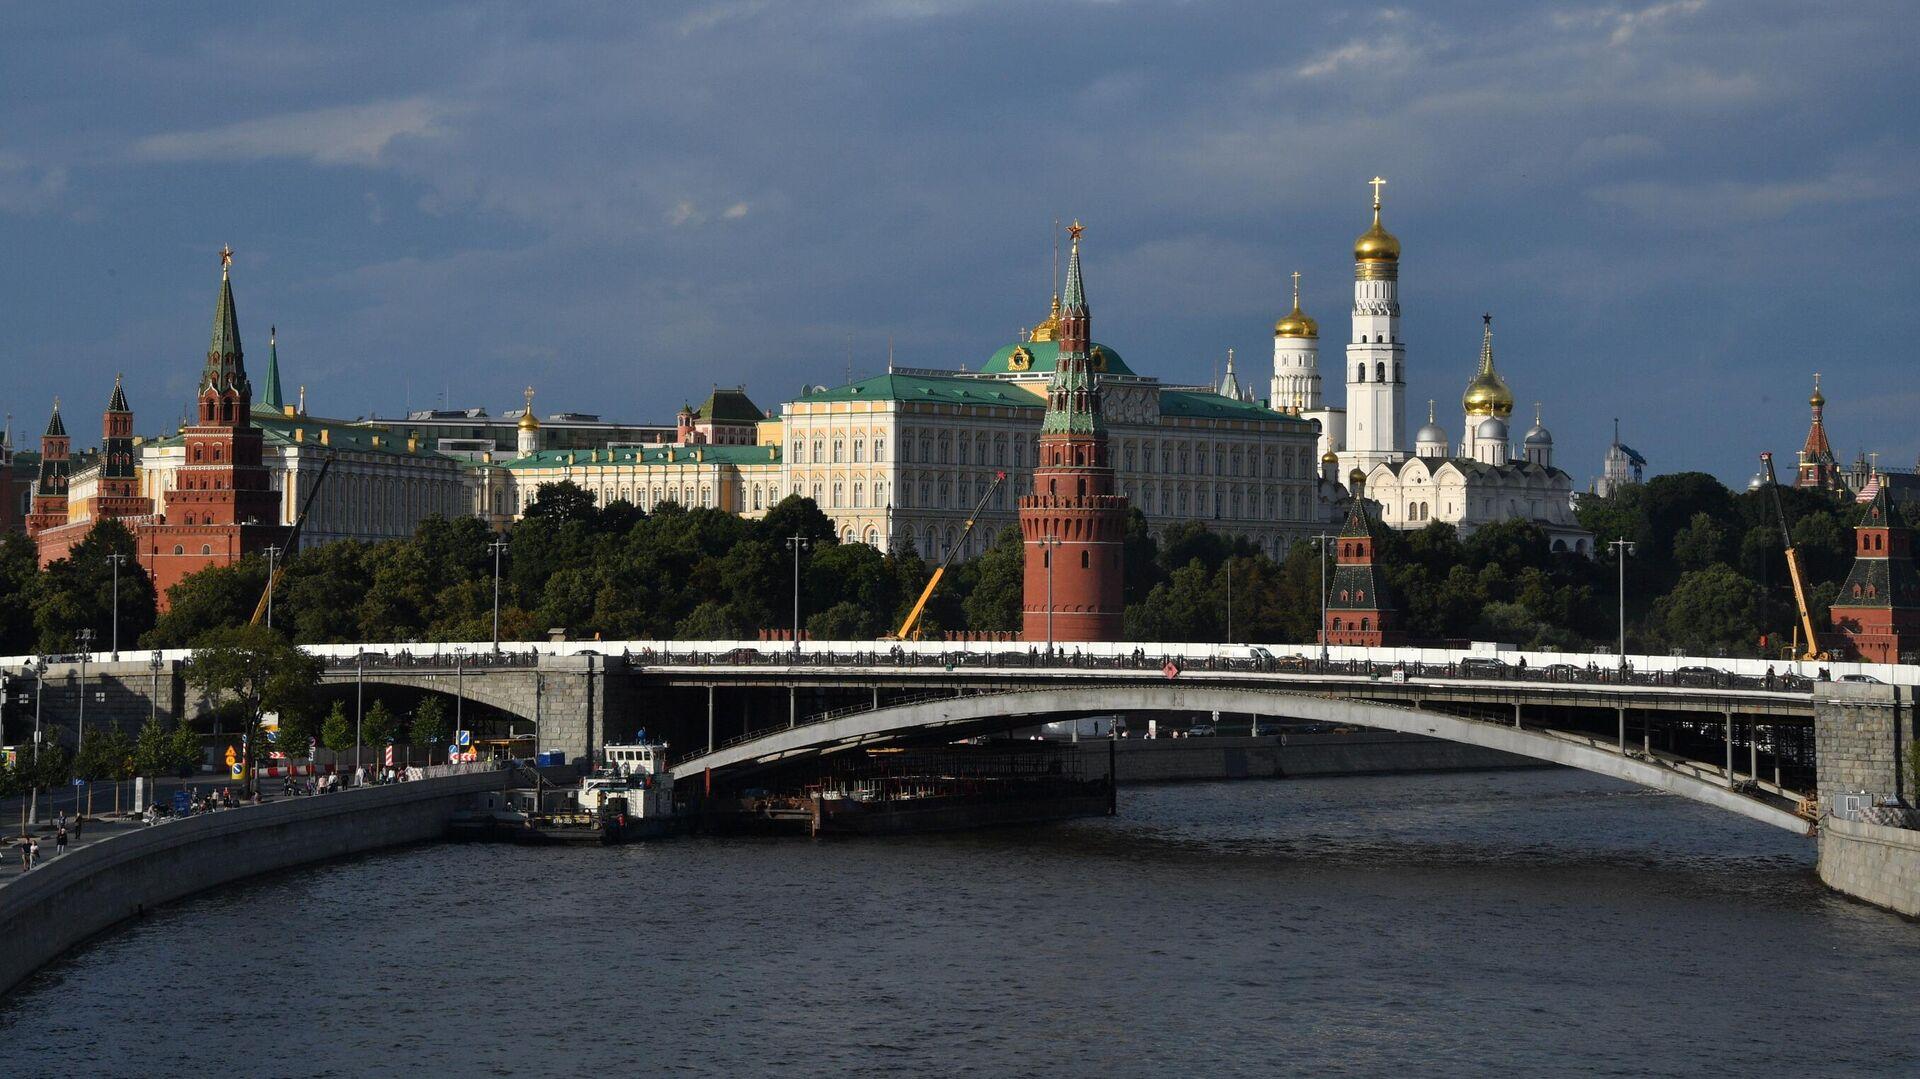 Вид на Большой Каменный мост в Москве - РИА Новости, 1920, 29.09.2020